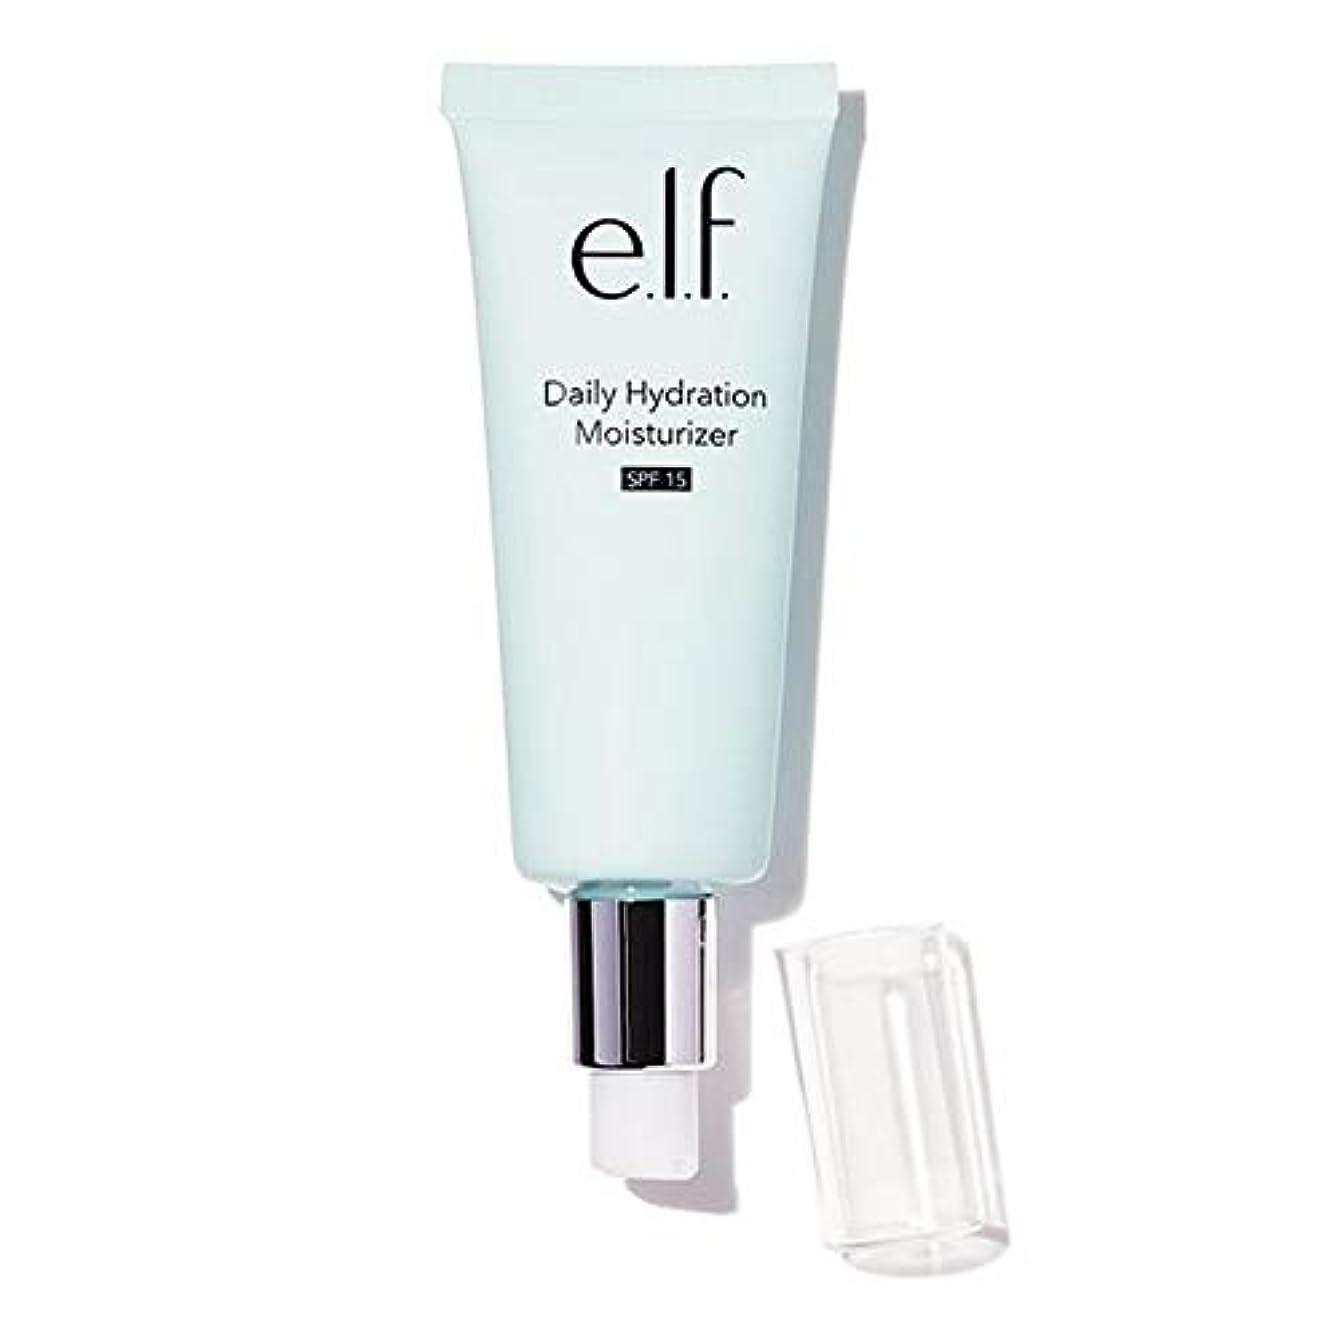 別れるボアシャー[Elf ] エルフ。毎日水和保湿75ミリリットル - e.l.f. Daily Hydration Moisturiser 75ml [並行輸入品]